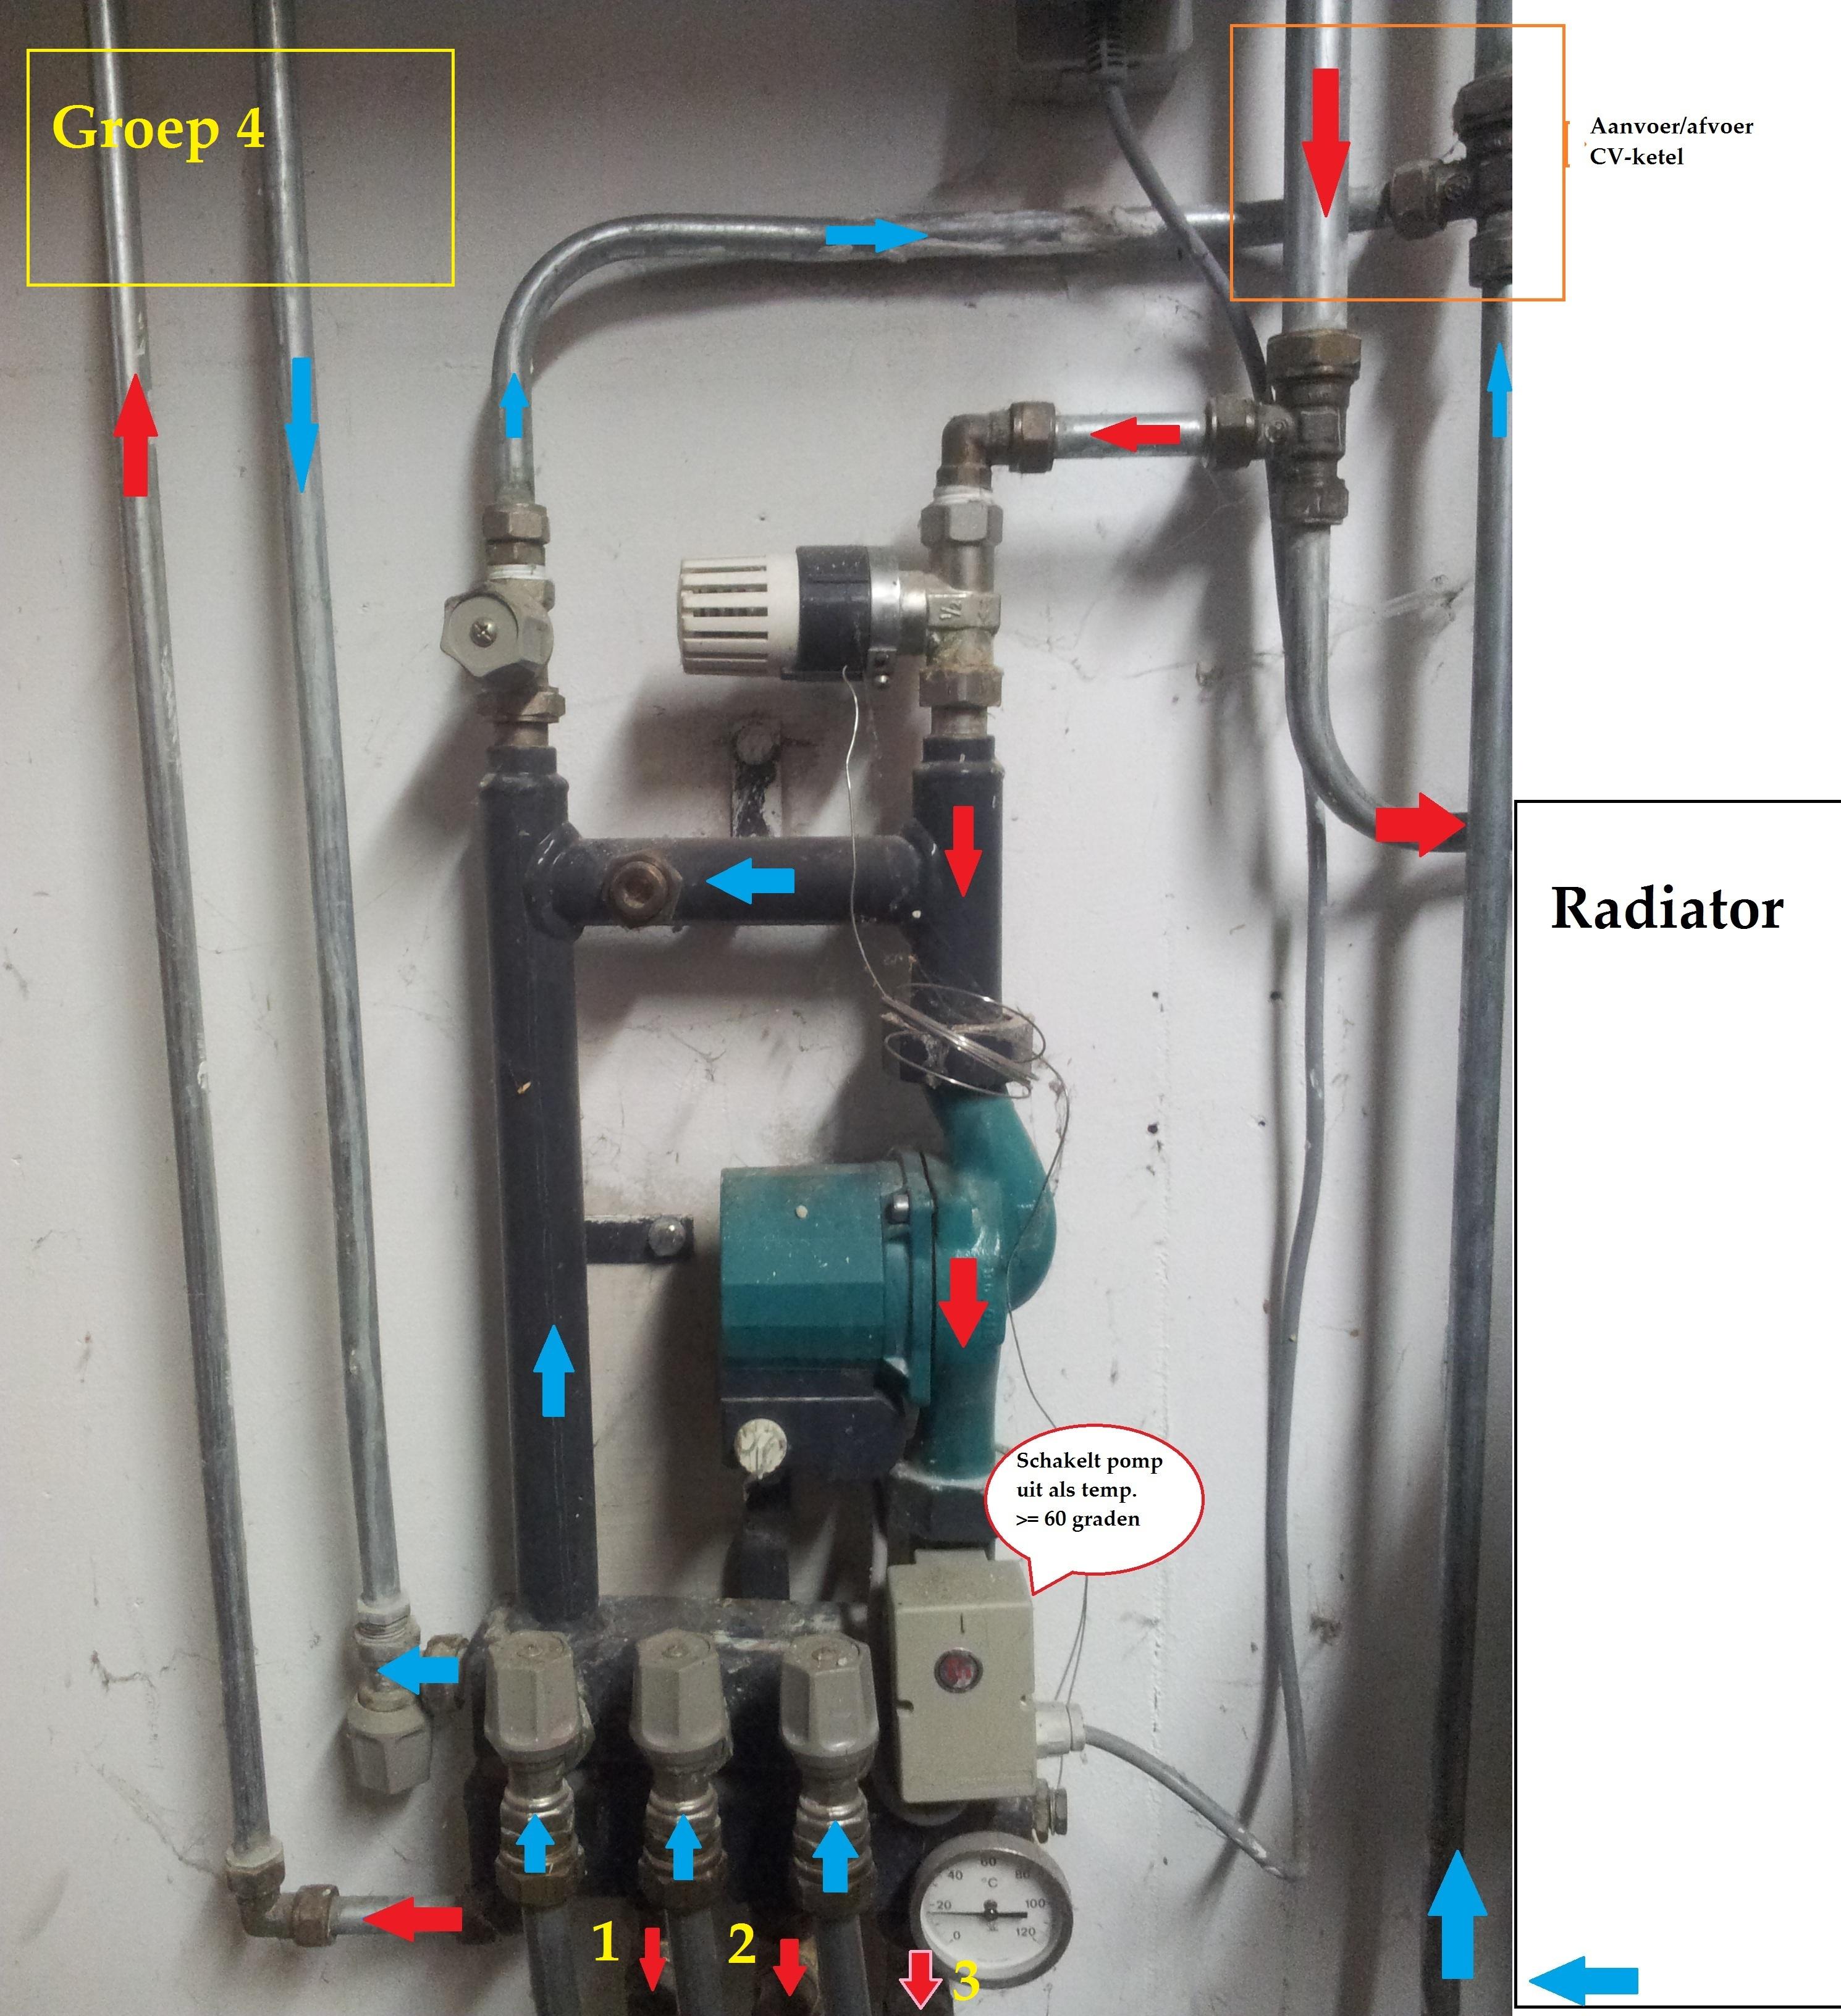 Vragen over vloerverwarmingsysteem - Duurzame Energie & Domotica - GoT